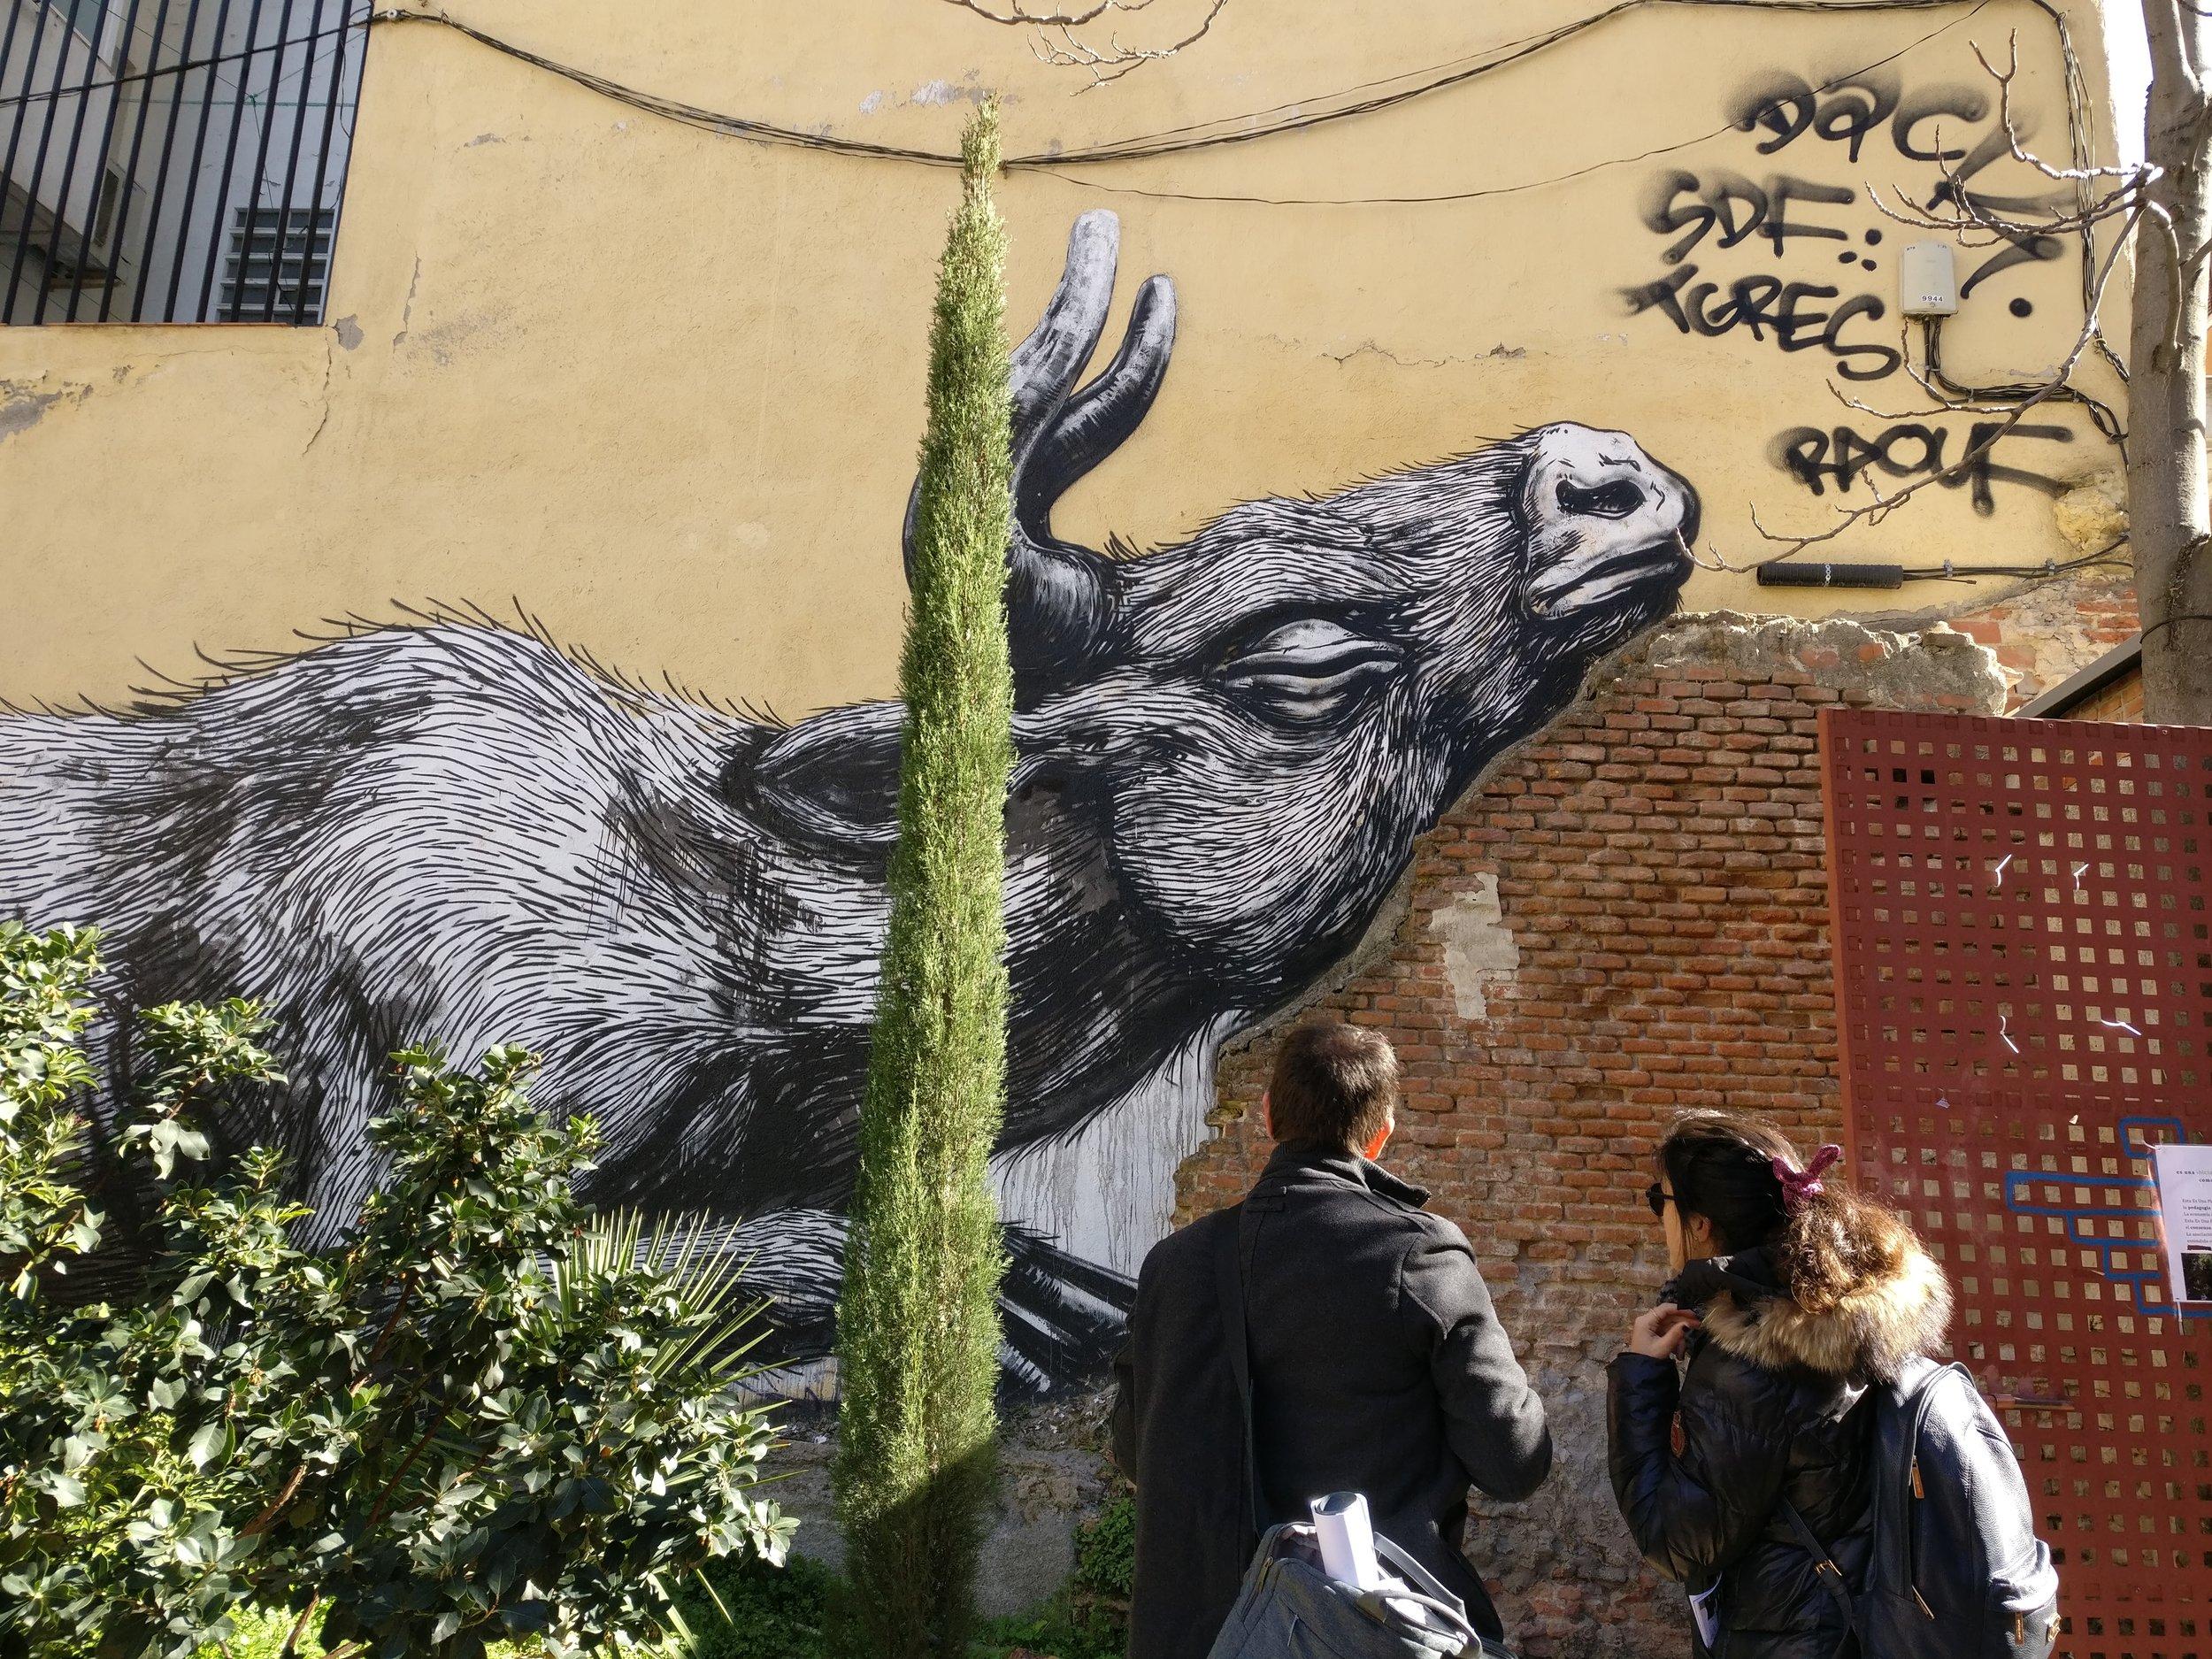 graffiti in the Lavapiez neighborhood